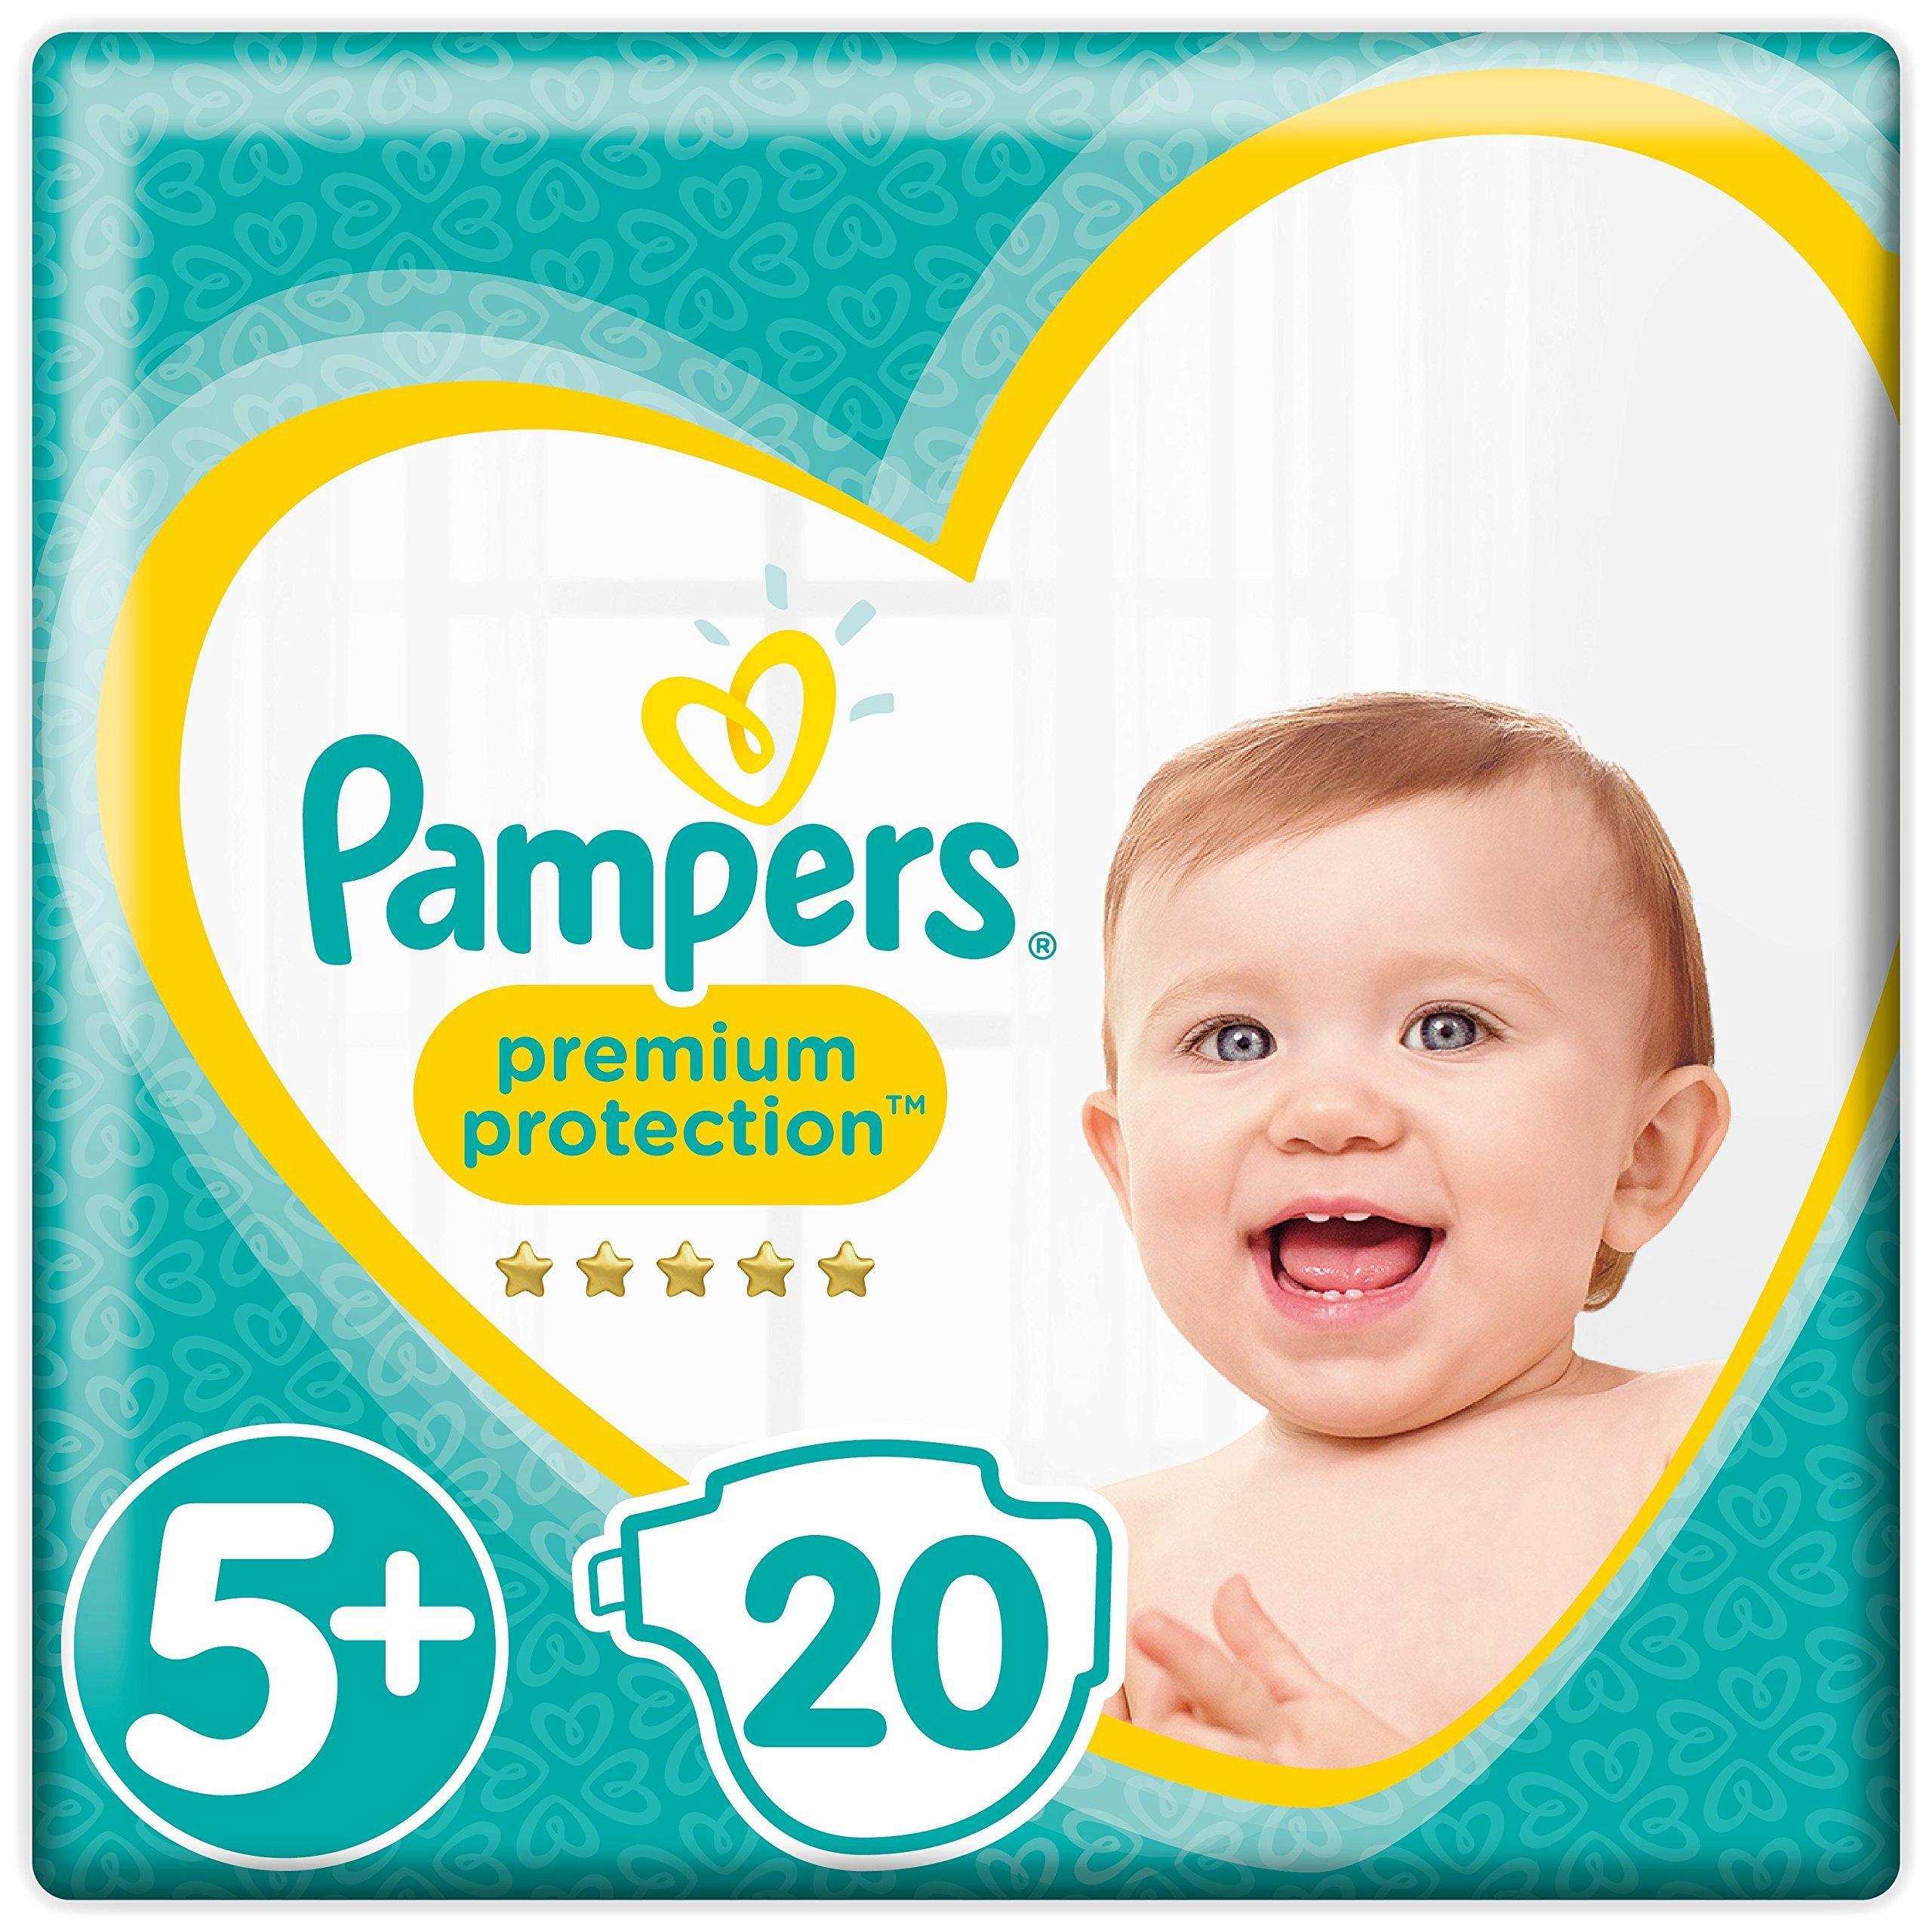 Pampers Pañales para Bebés, Protección Superior, talla 5+ product image